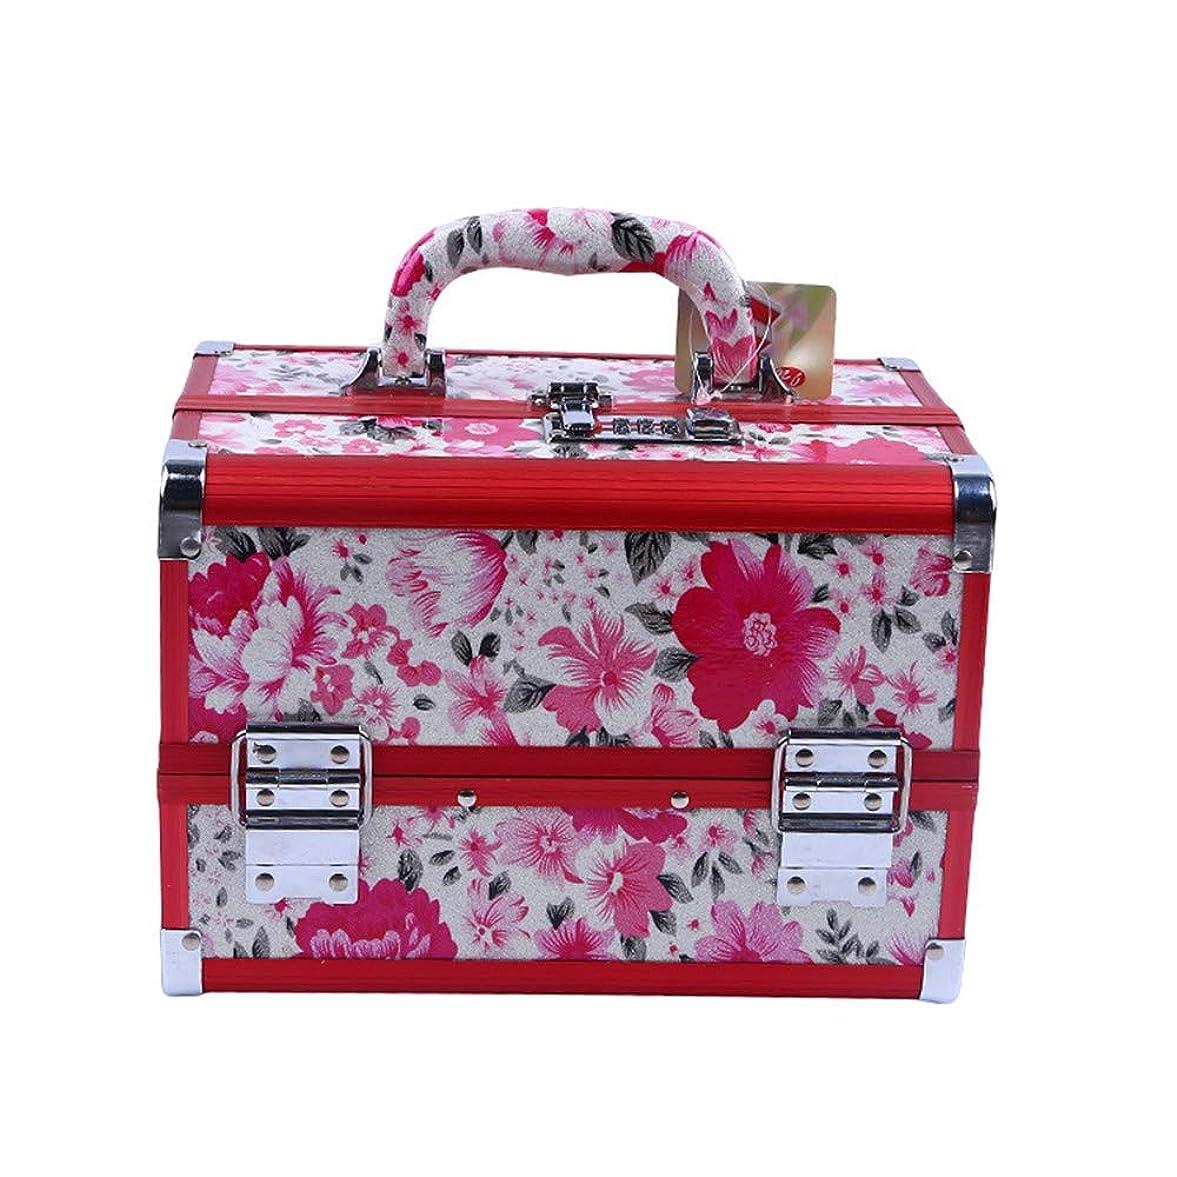 武器私達次化粧オーガナイザーバッグ 花のパターンポータブル化粧品ケース美容メイクアップと女の子の女性の旅行と毎日のストレージロック付きトレイ付き 化粧品ケース